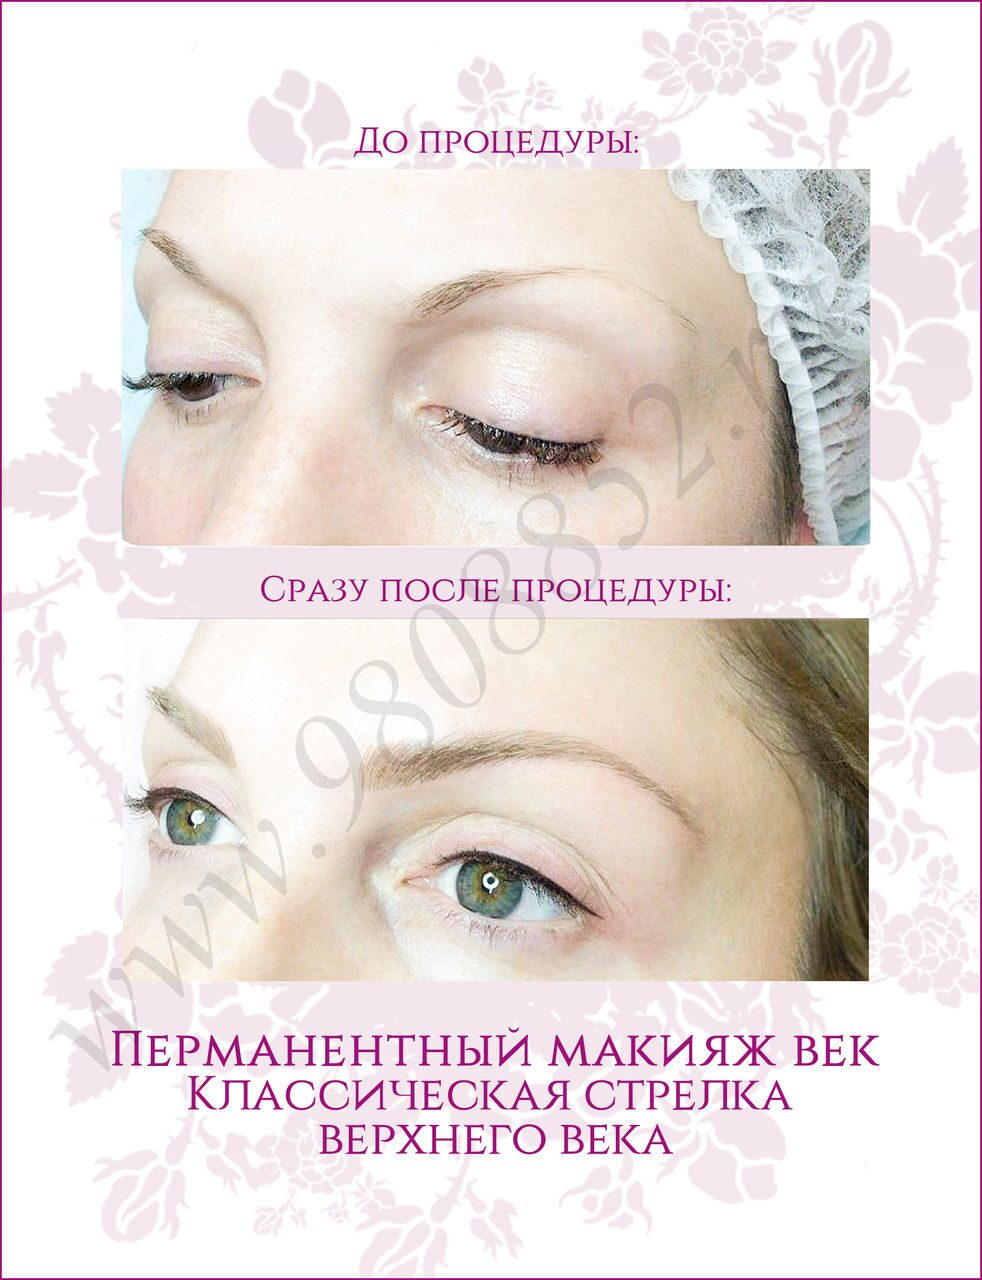 Перманентный макияж Татуаж бровей глаз губ СПБ  VK